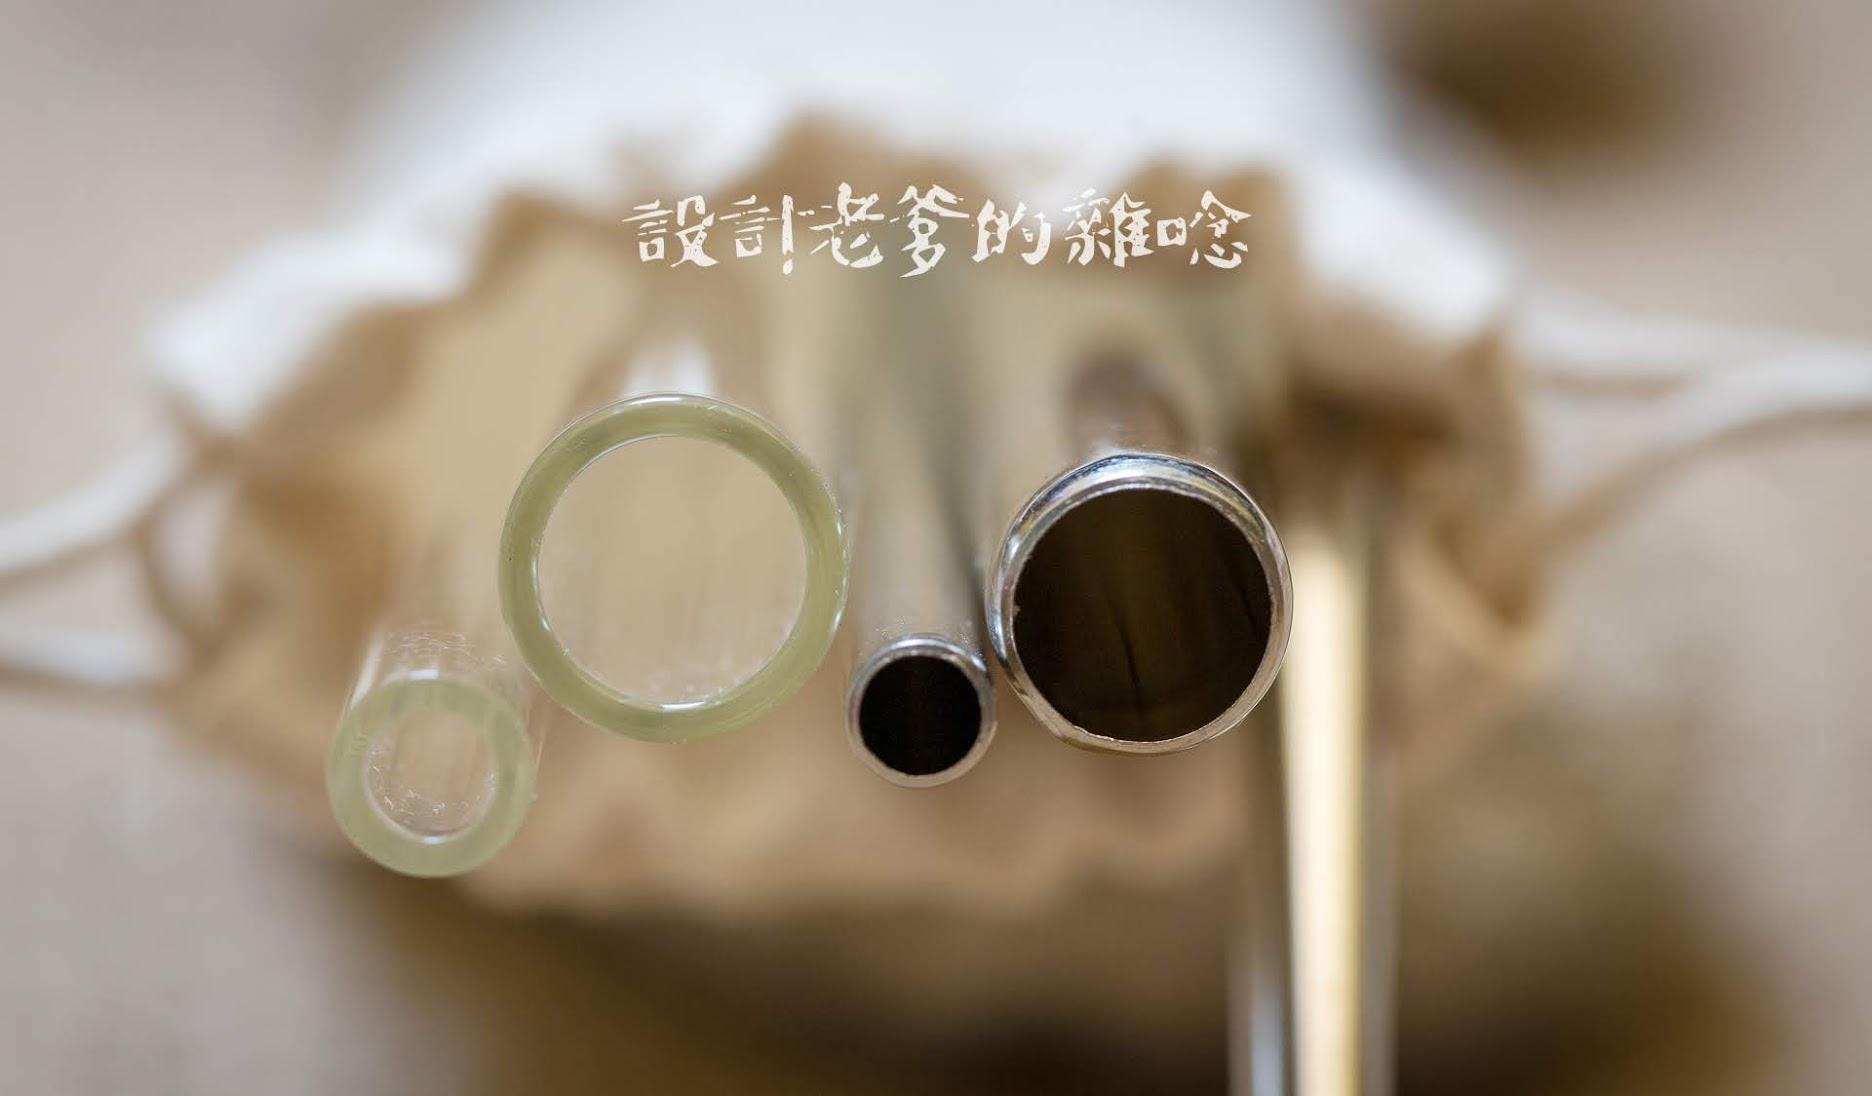 敗個環保小物,透過小東西也能邊用邊愛地球喔!...金金吸管與金金矽膠貼